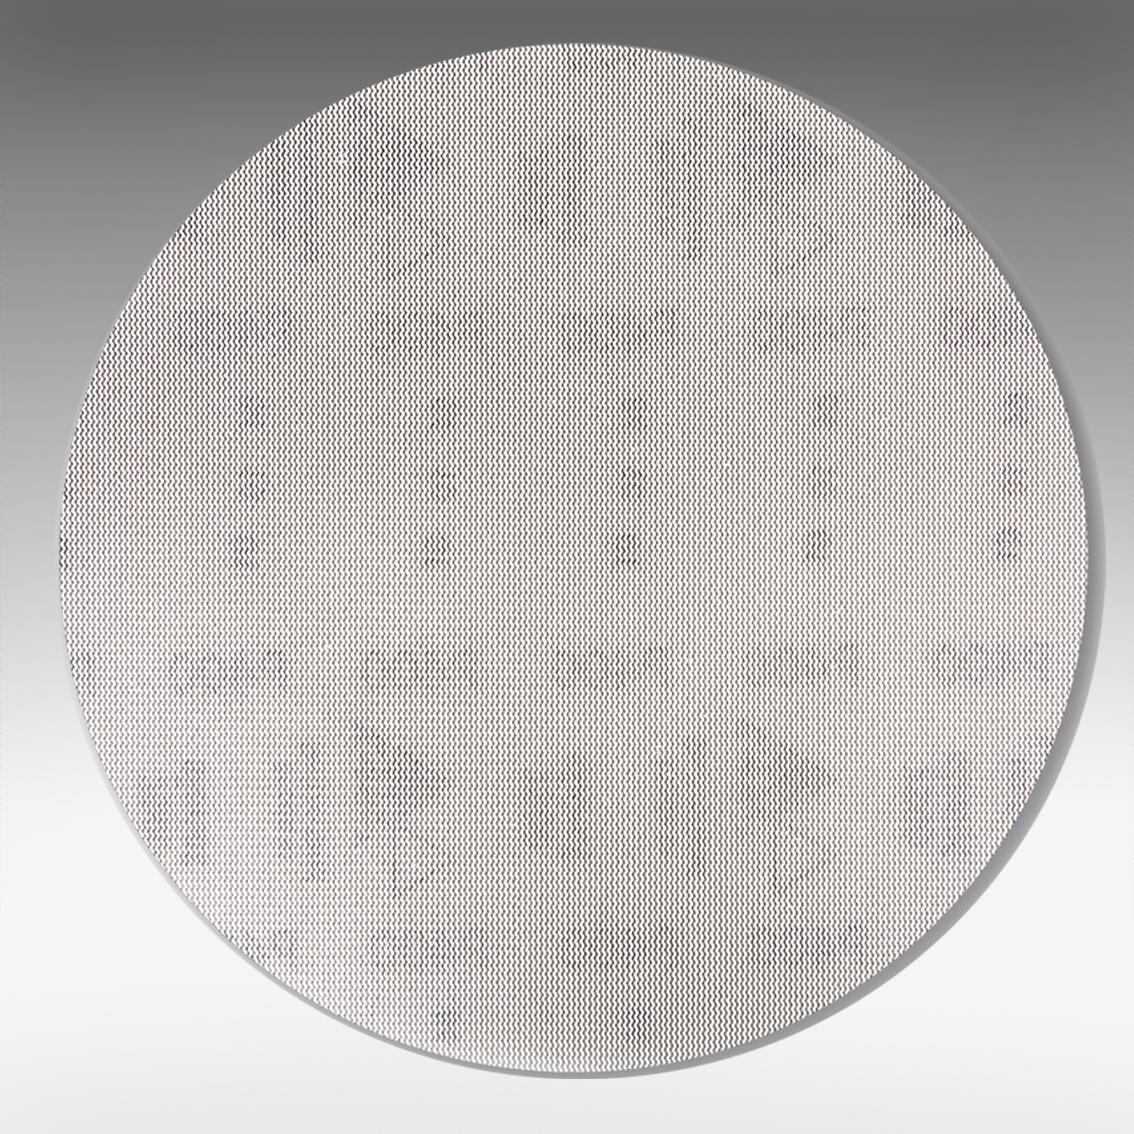 7500-sianet-cer-225mm